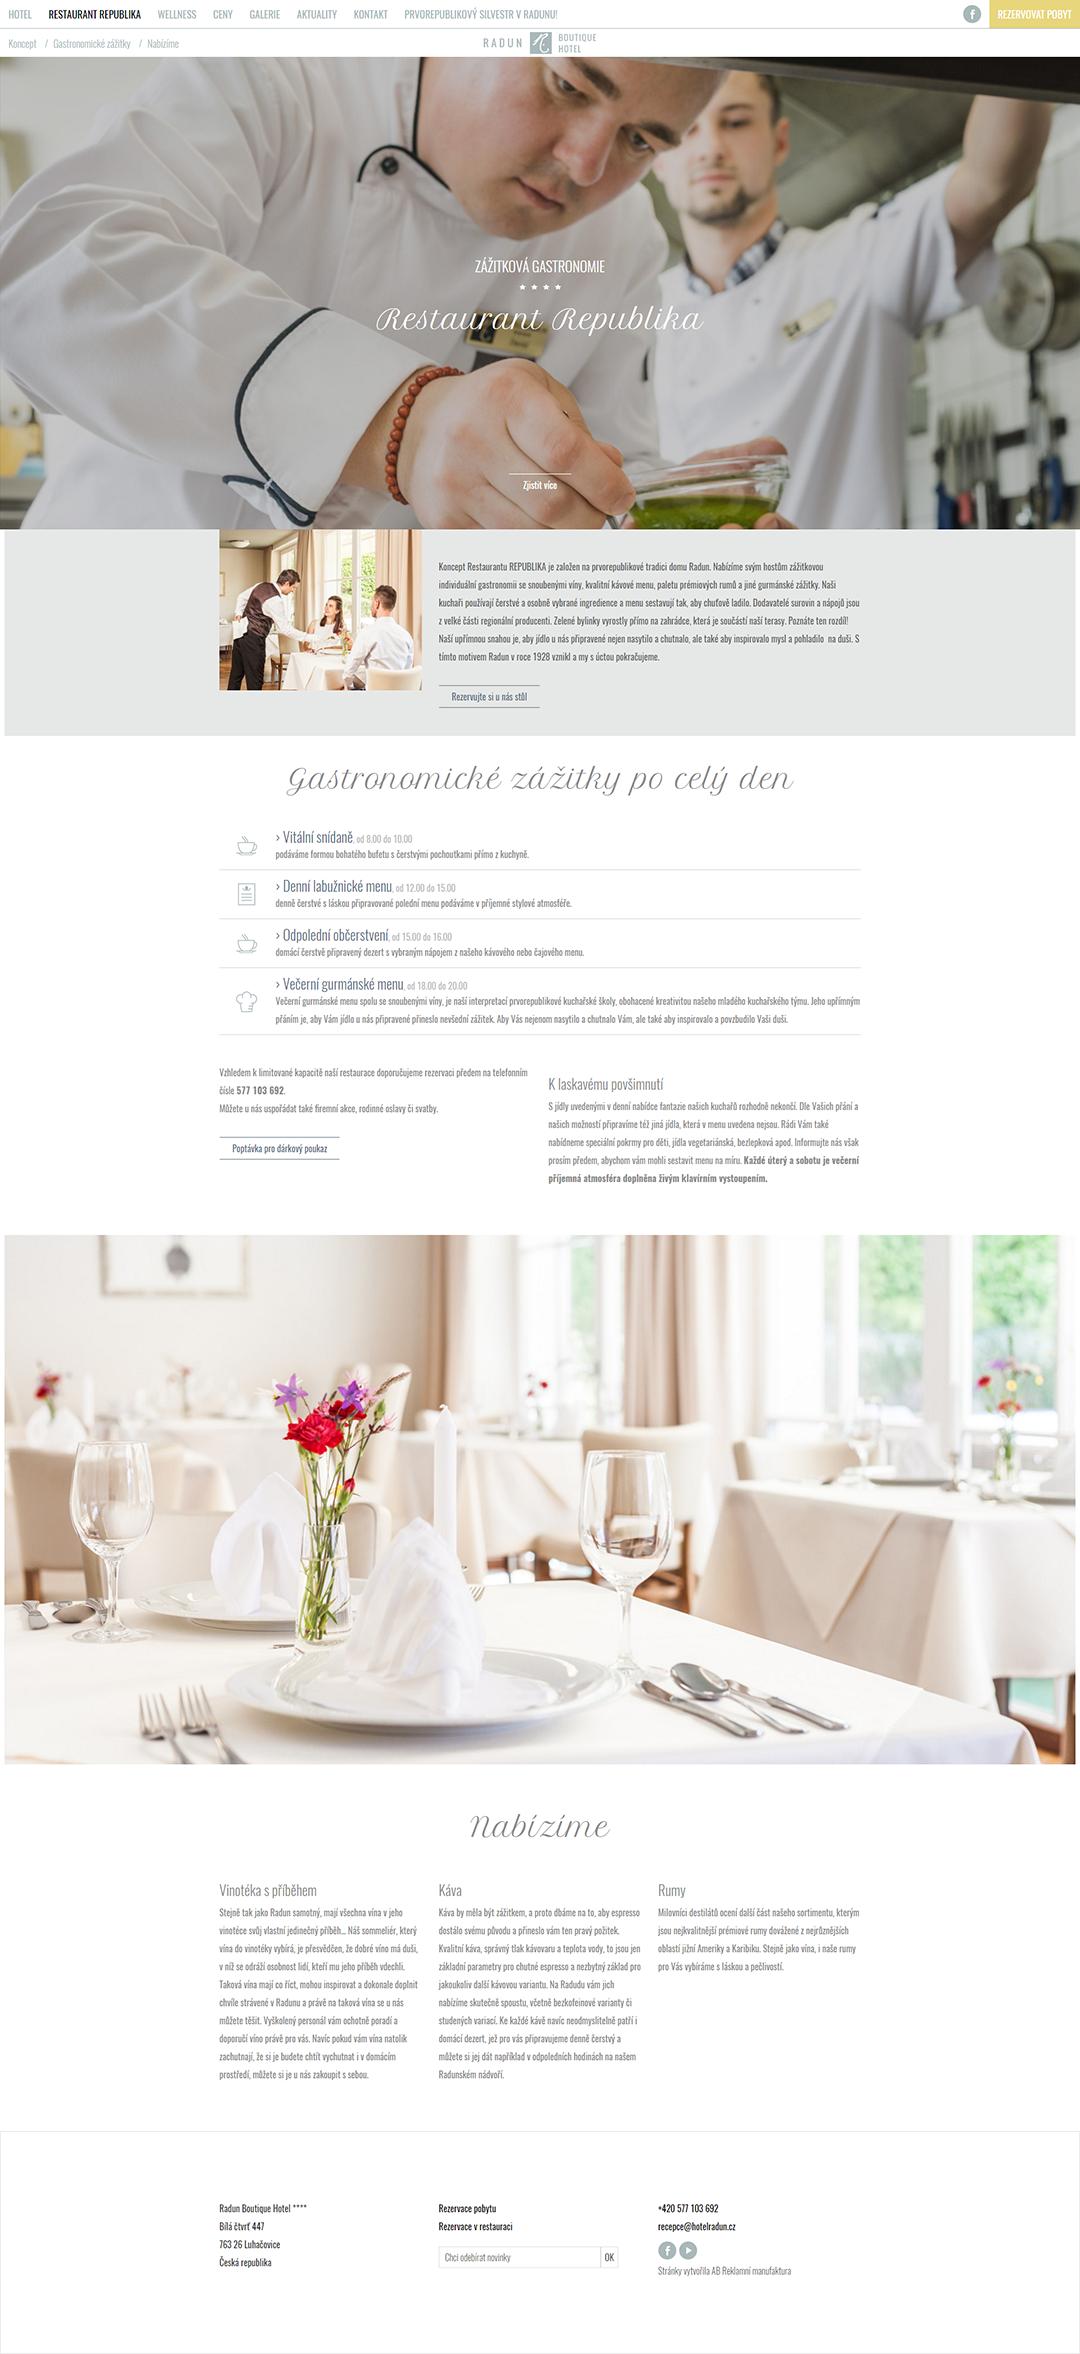 hotelradun-cz-restaurant-republika